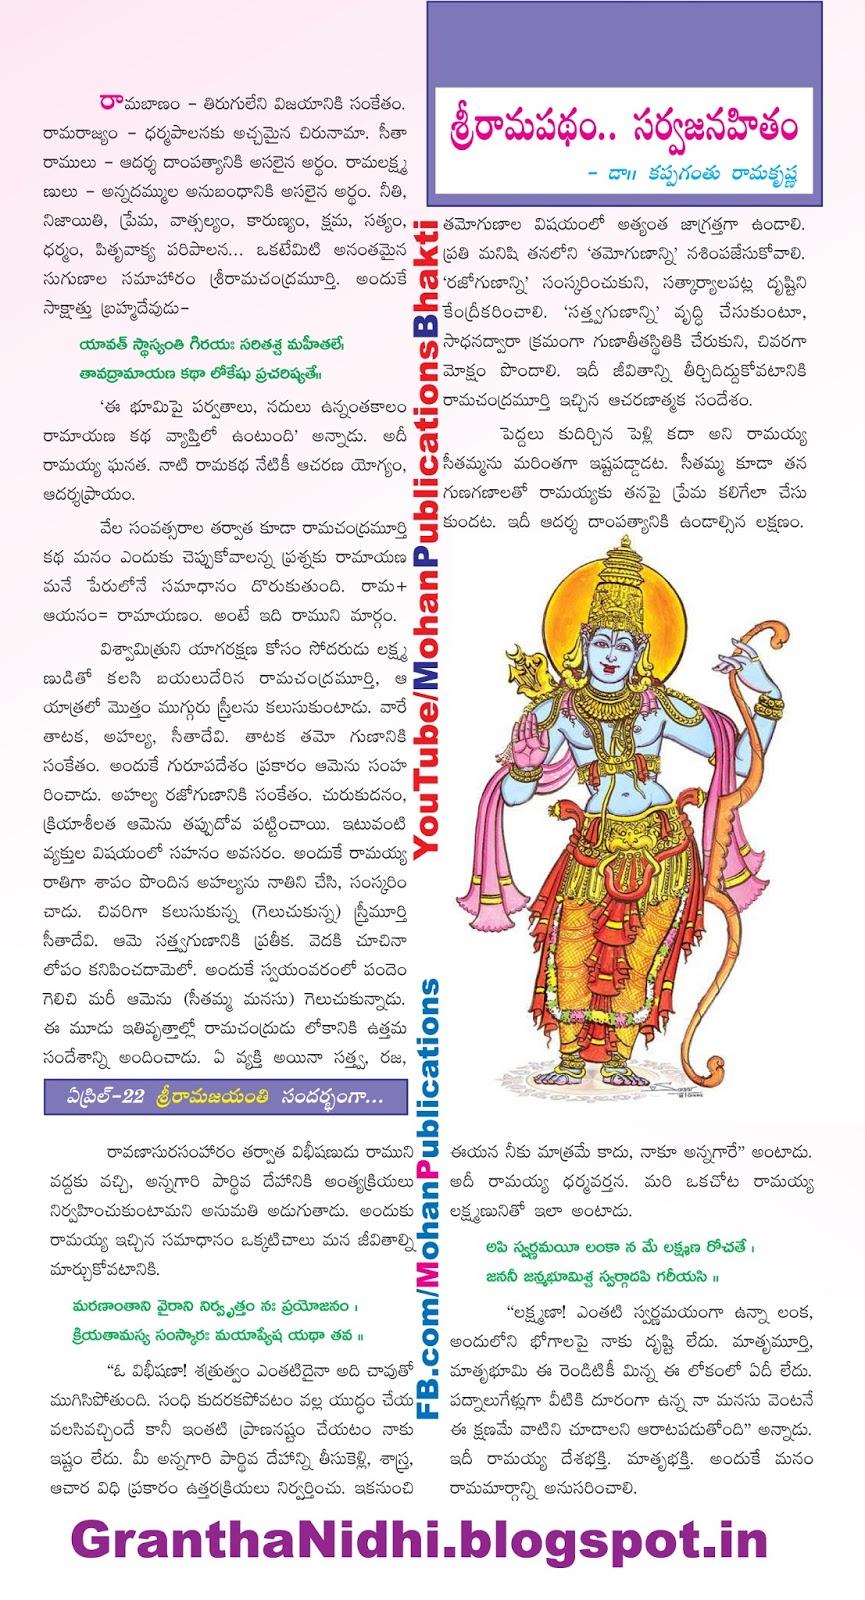 శ్రీ రామ జయంతి Sri rama jayanthi Lord Srirama Lord Shrirama Lord Rama Lord Ramaavathar Lord Ramaavatharam Lord Sriram Lord Vishnu TTD TTD Ebooks Sapthagiri Saptagiri Bhakthi Pustakalu Bhakti Pustakalu BhakthiPustakalu BhaktiPustakalu